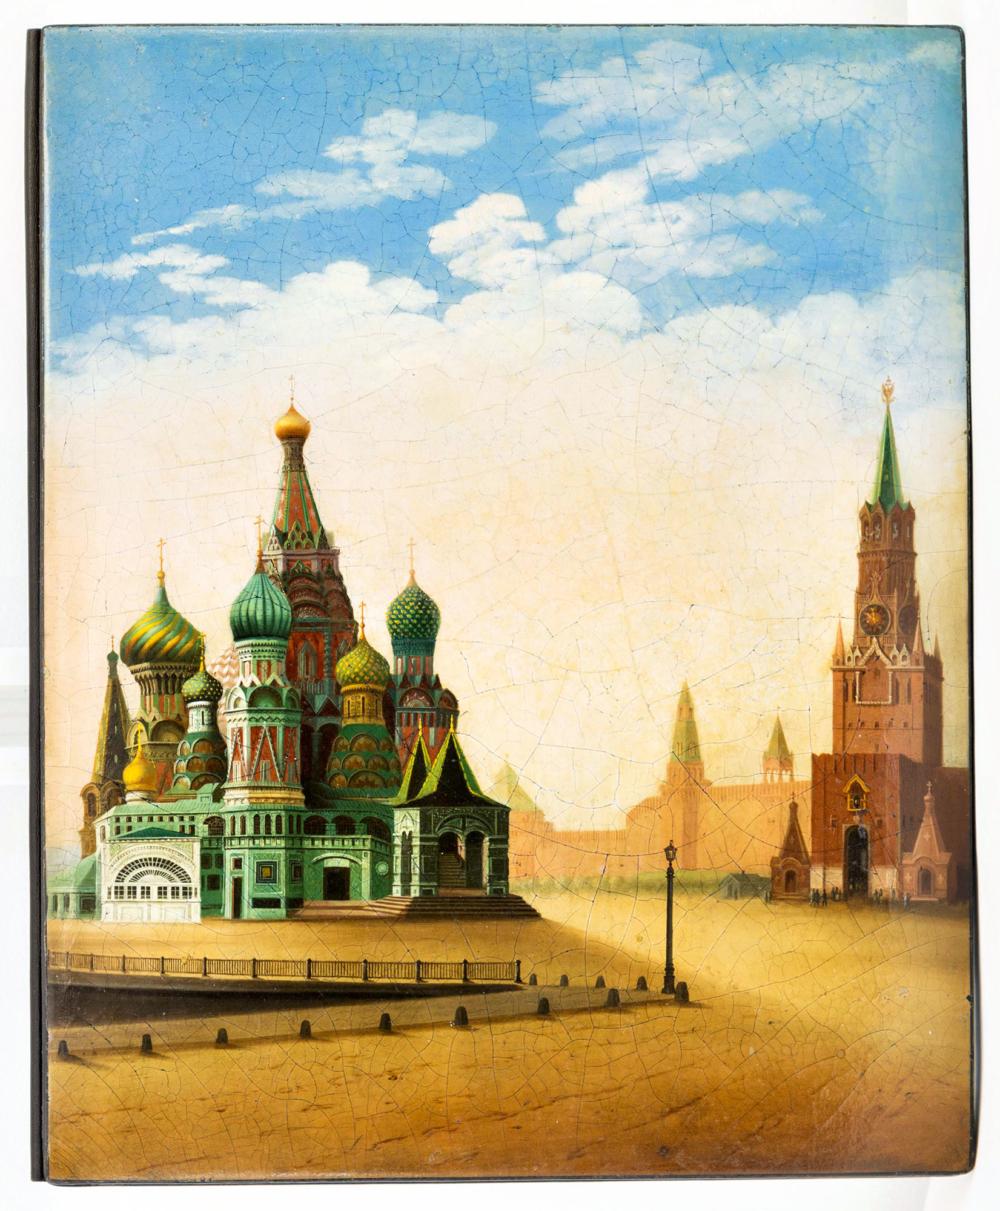 Адрес «Храм Василия Блаженного и Спасская башня»